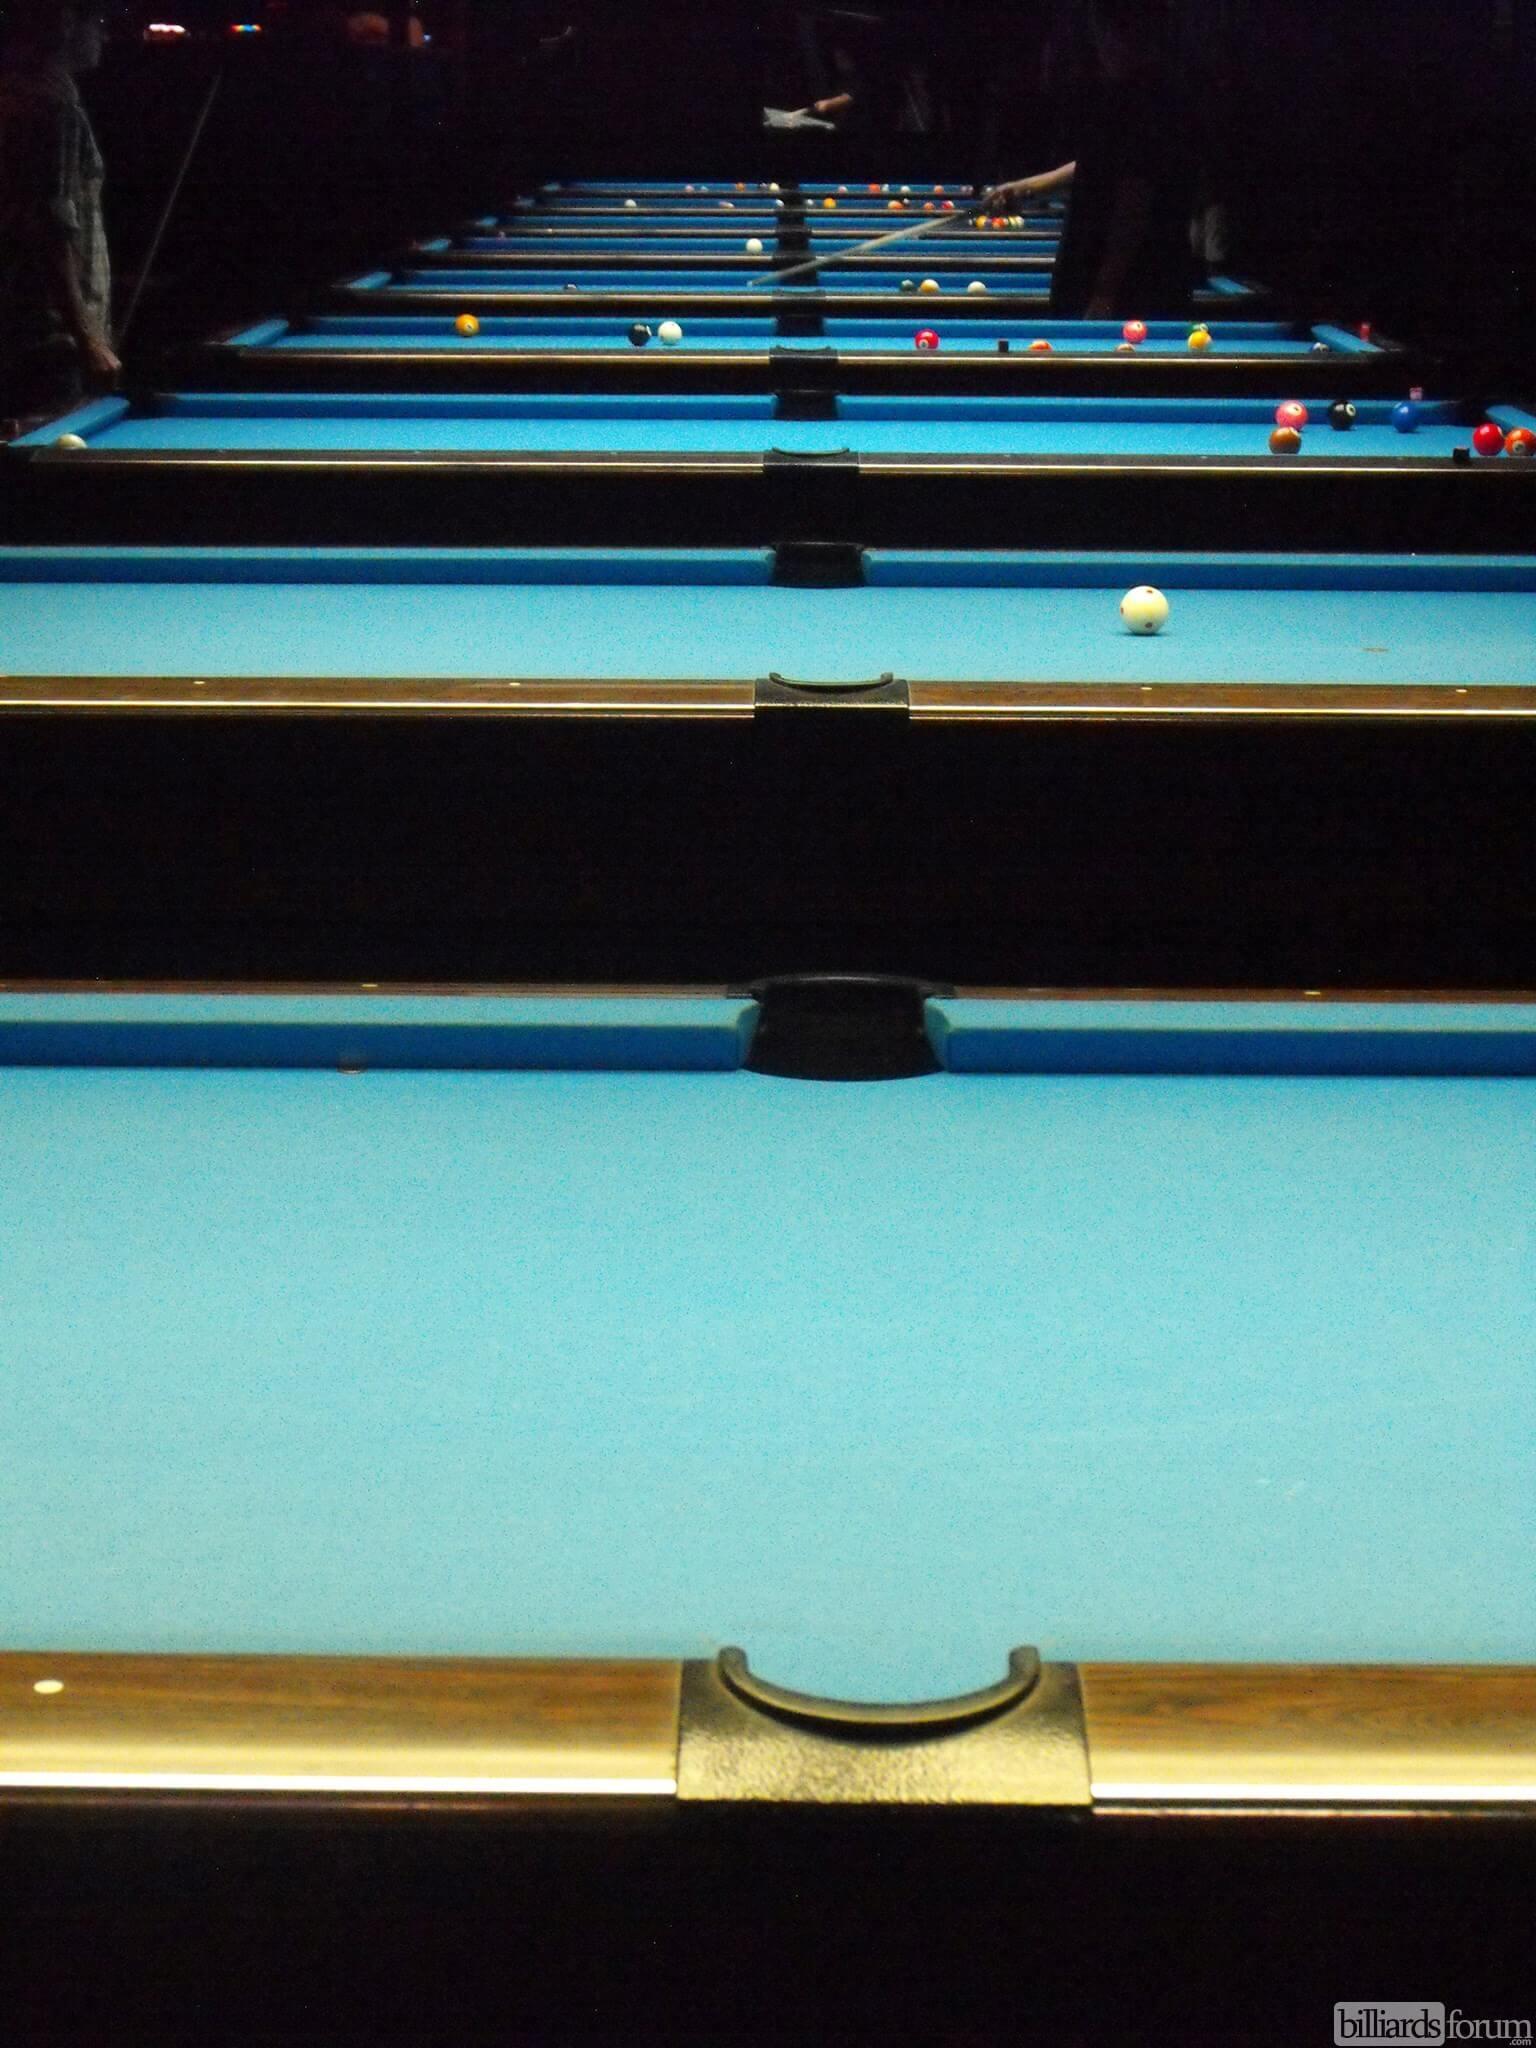 Boulevard Billiards Ocala